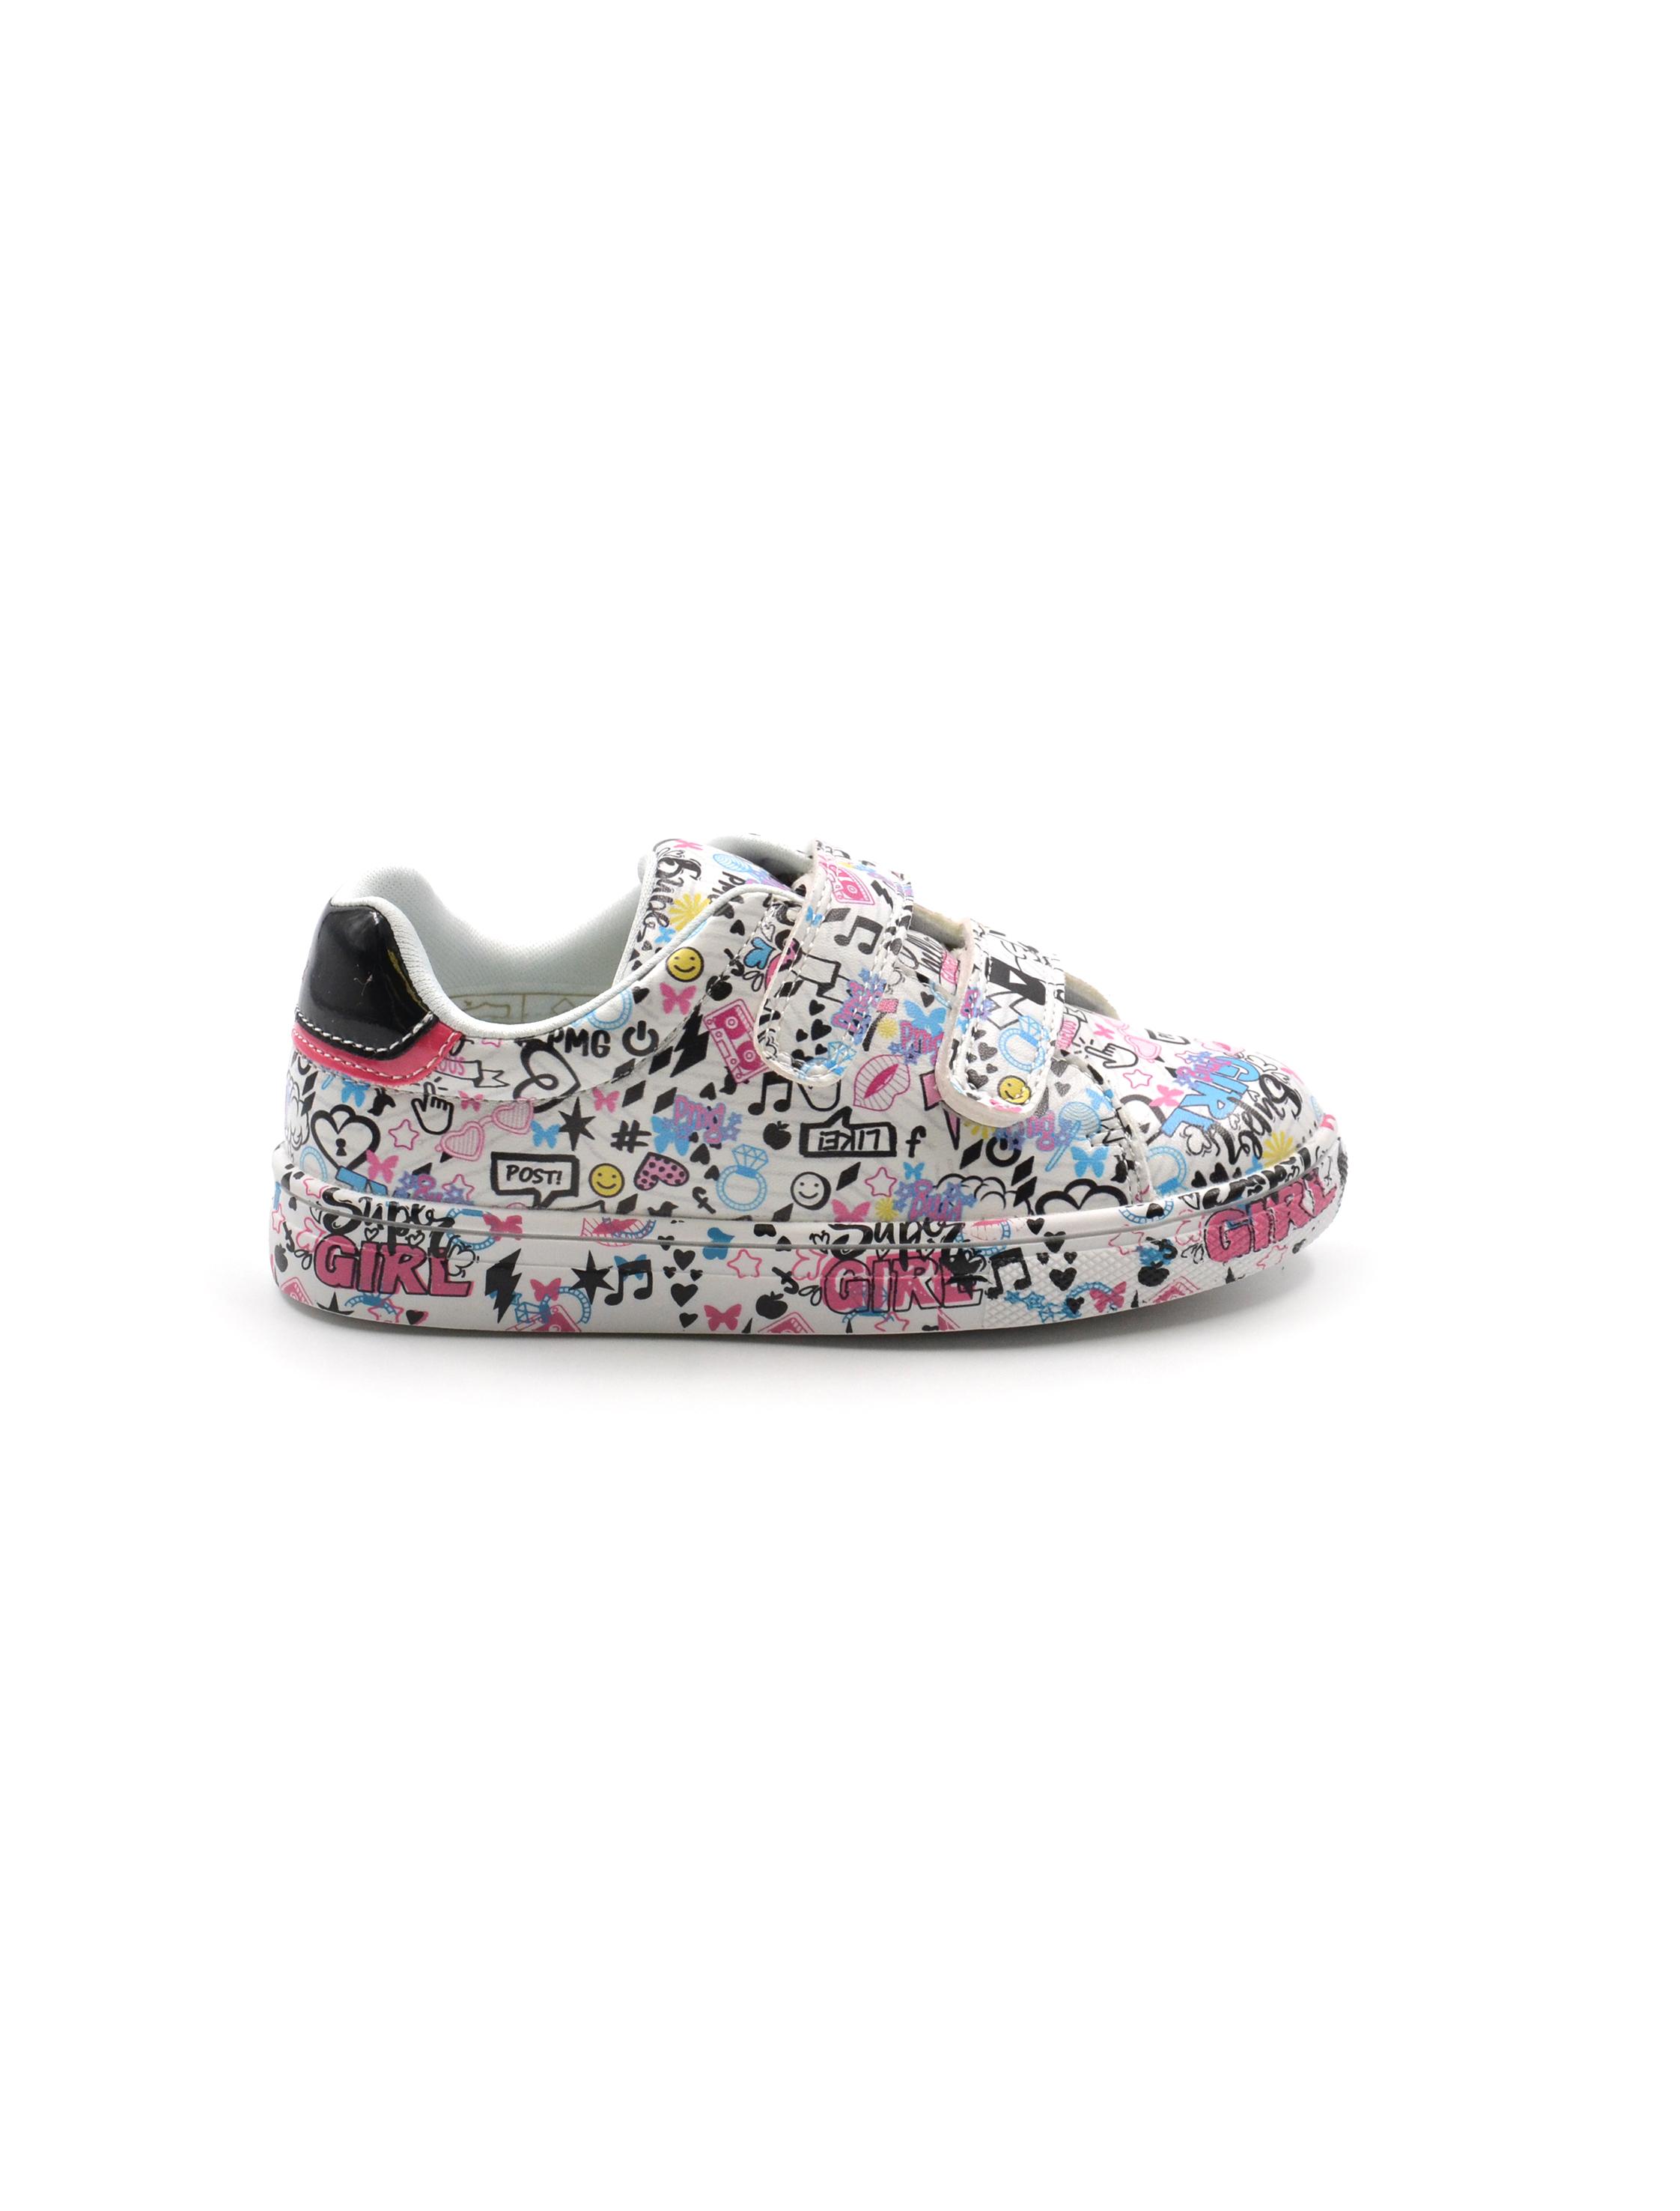 Primigi sneaker da bimba fantasia, Sneakers, colore BIANCO